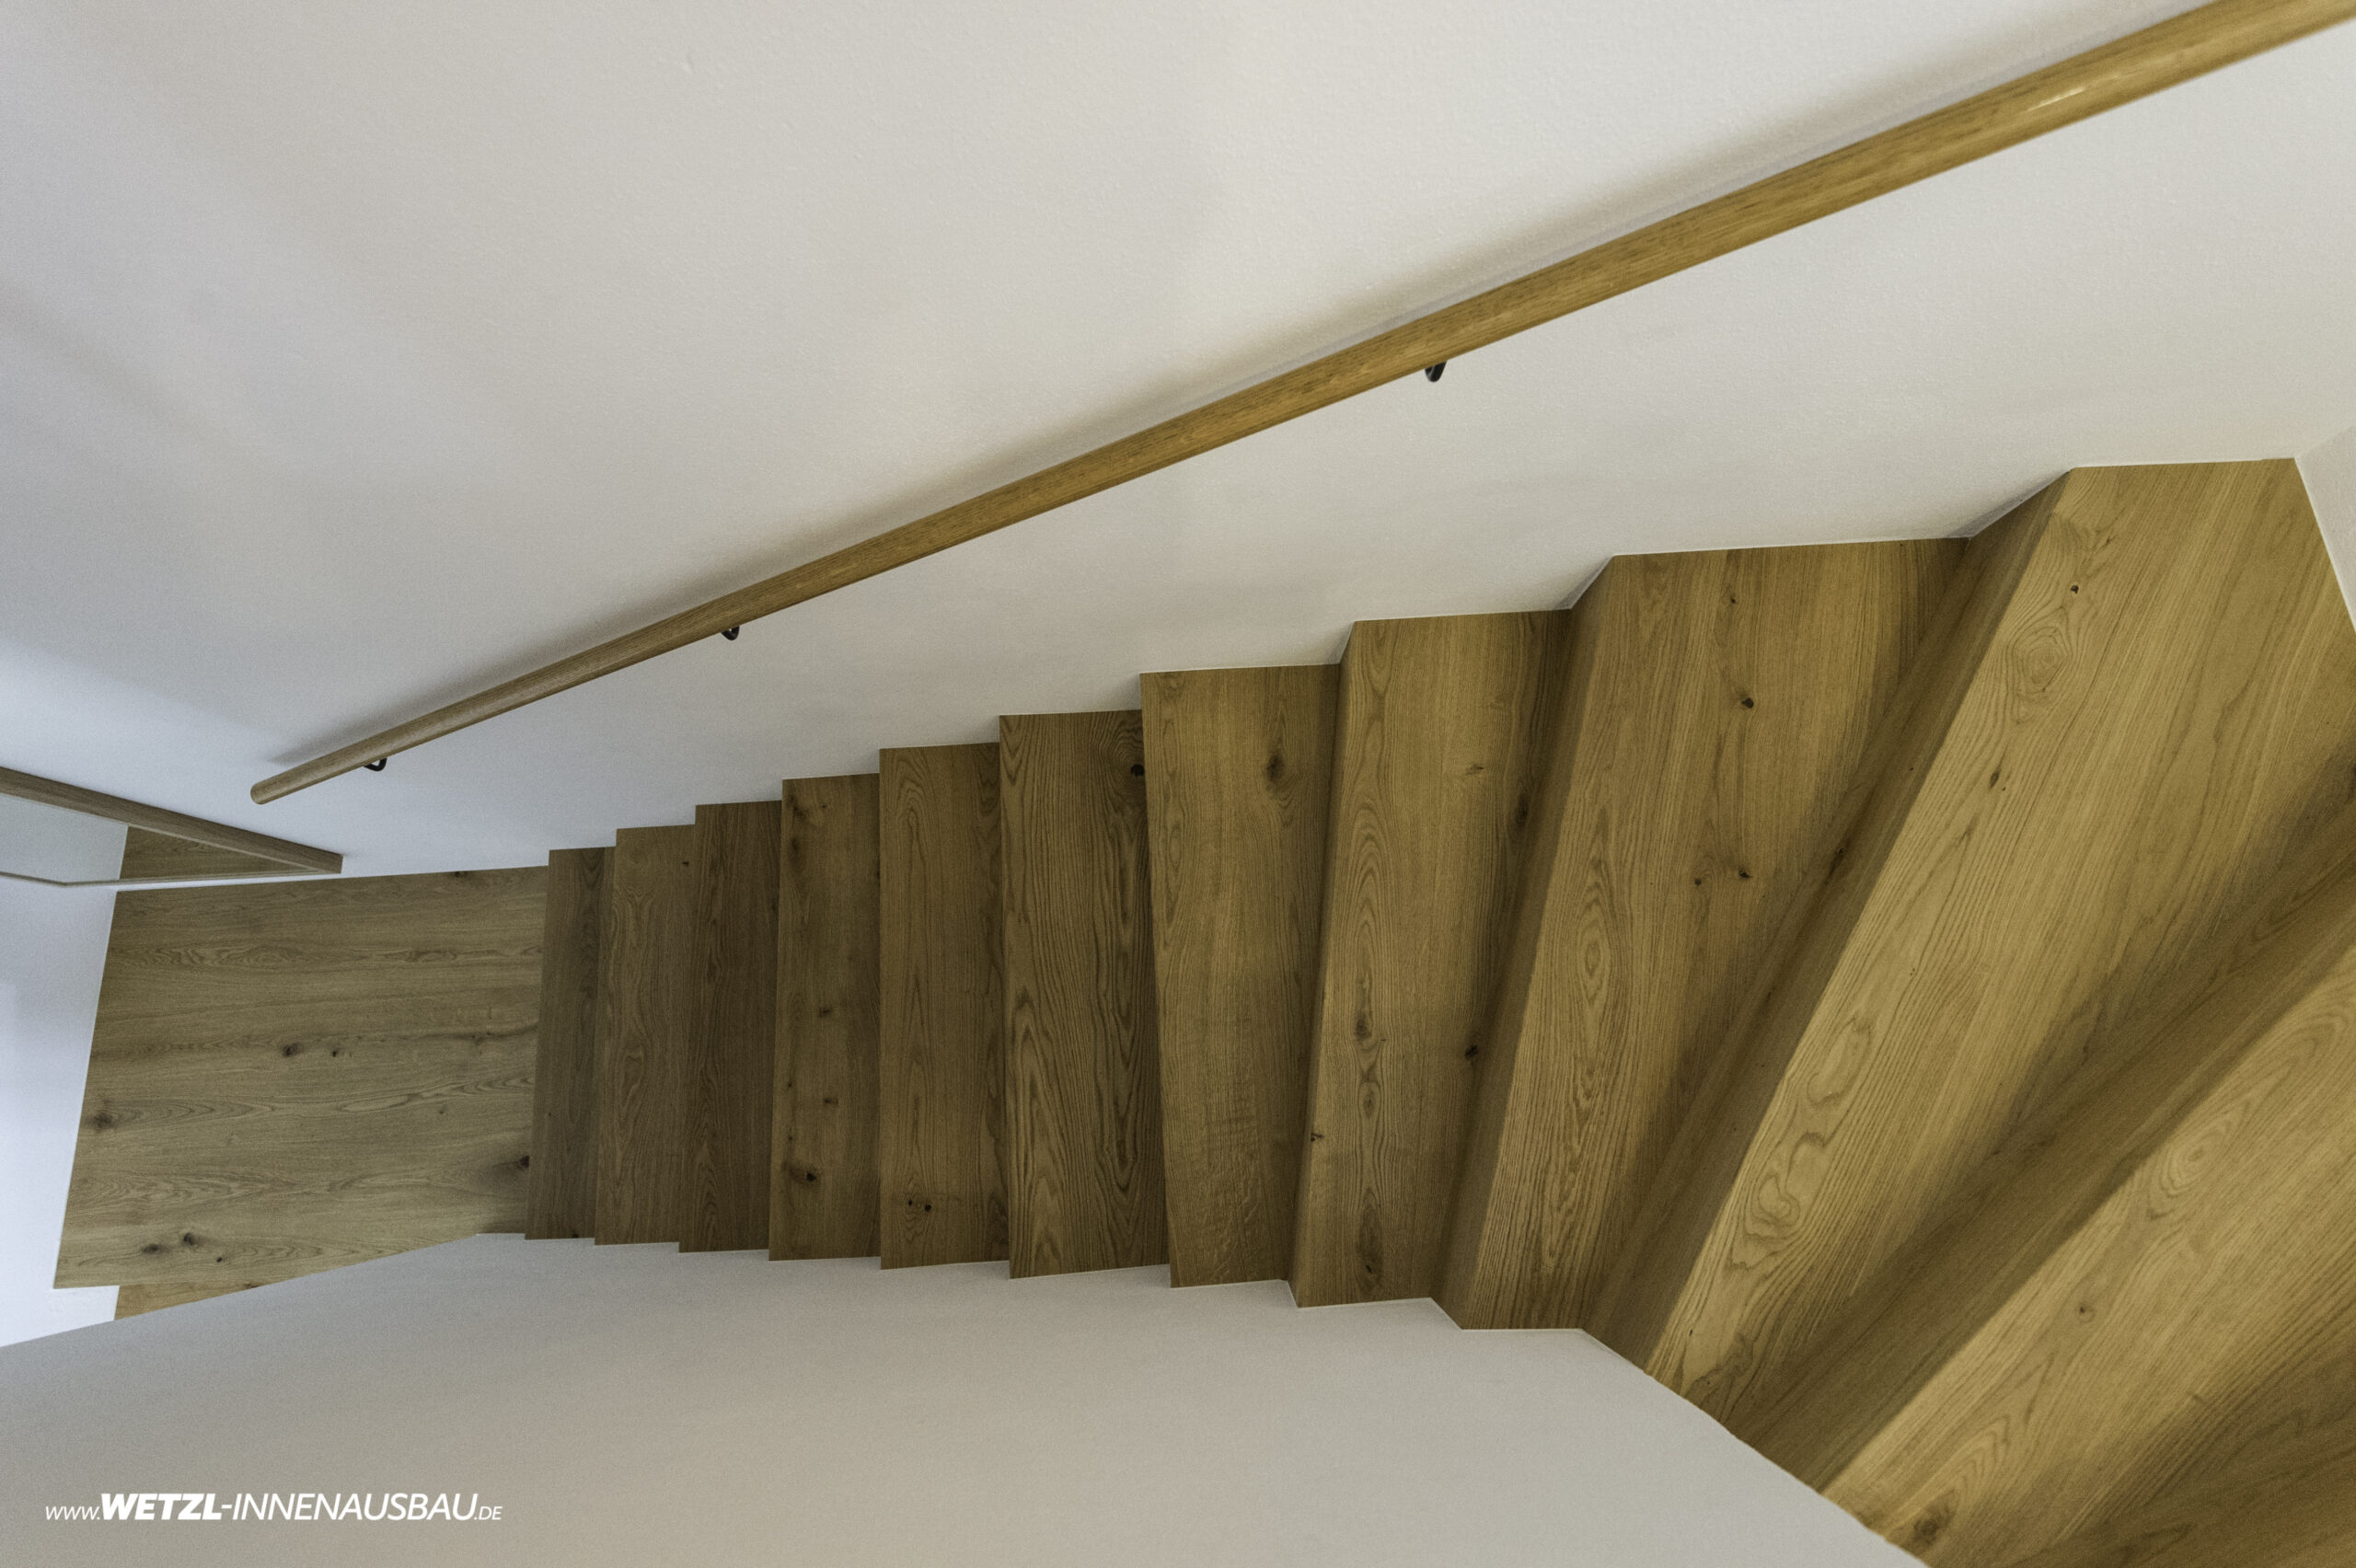 https://wetzl-innenausbau.de/wp-content/uploads/2020/07/wetzl-innenausbau-muenchen-treppenhaus-erneuert-6-scaled.jpg